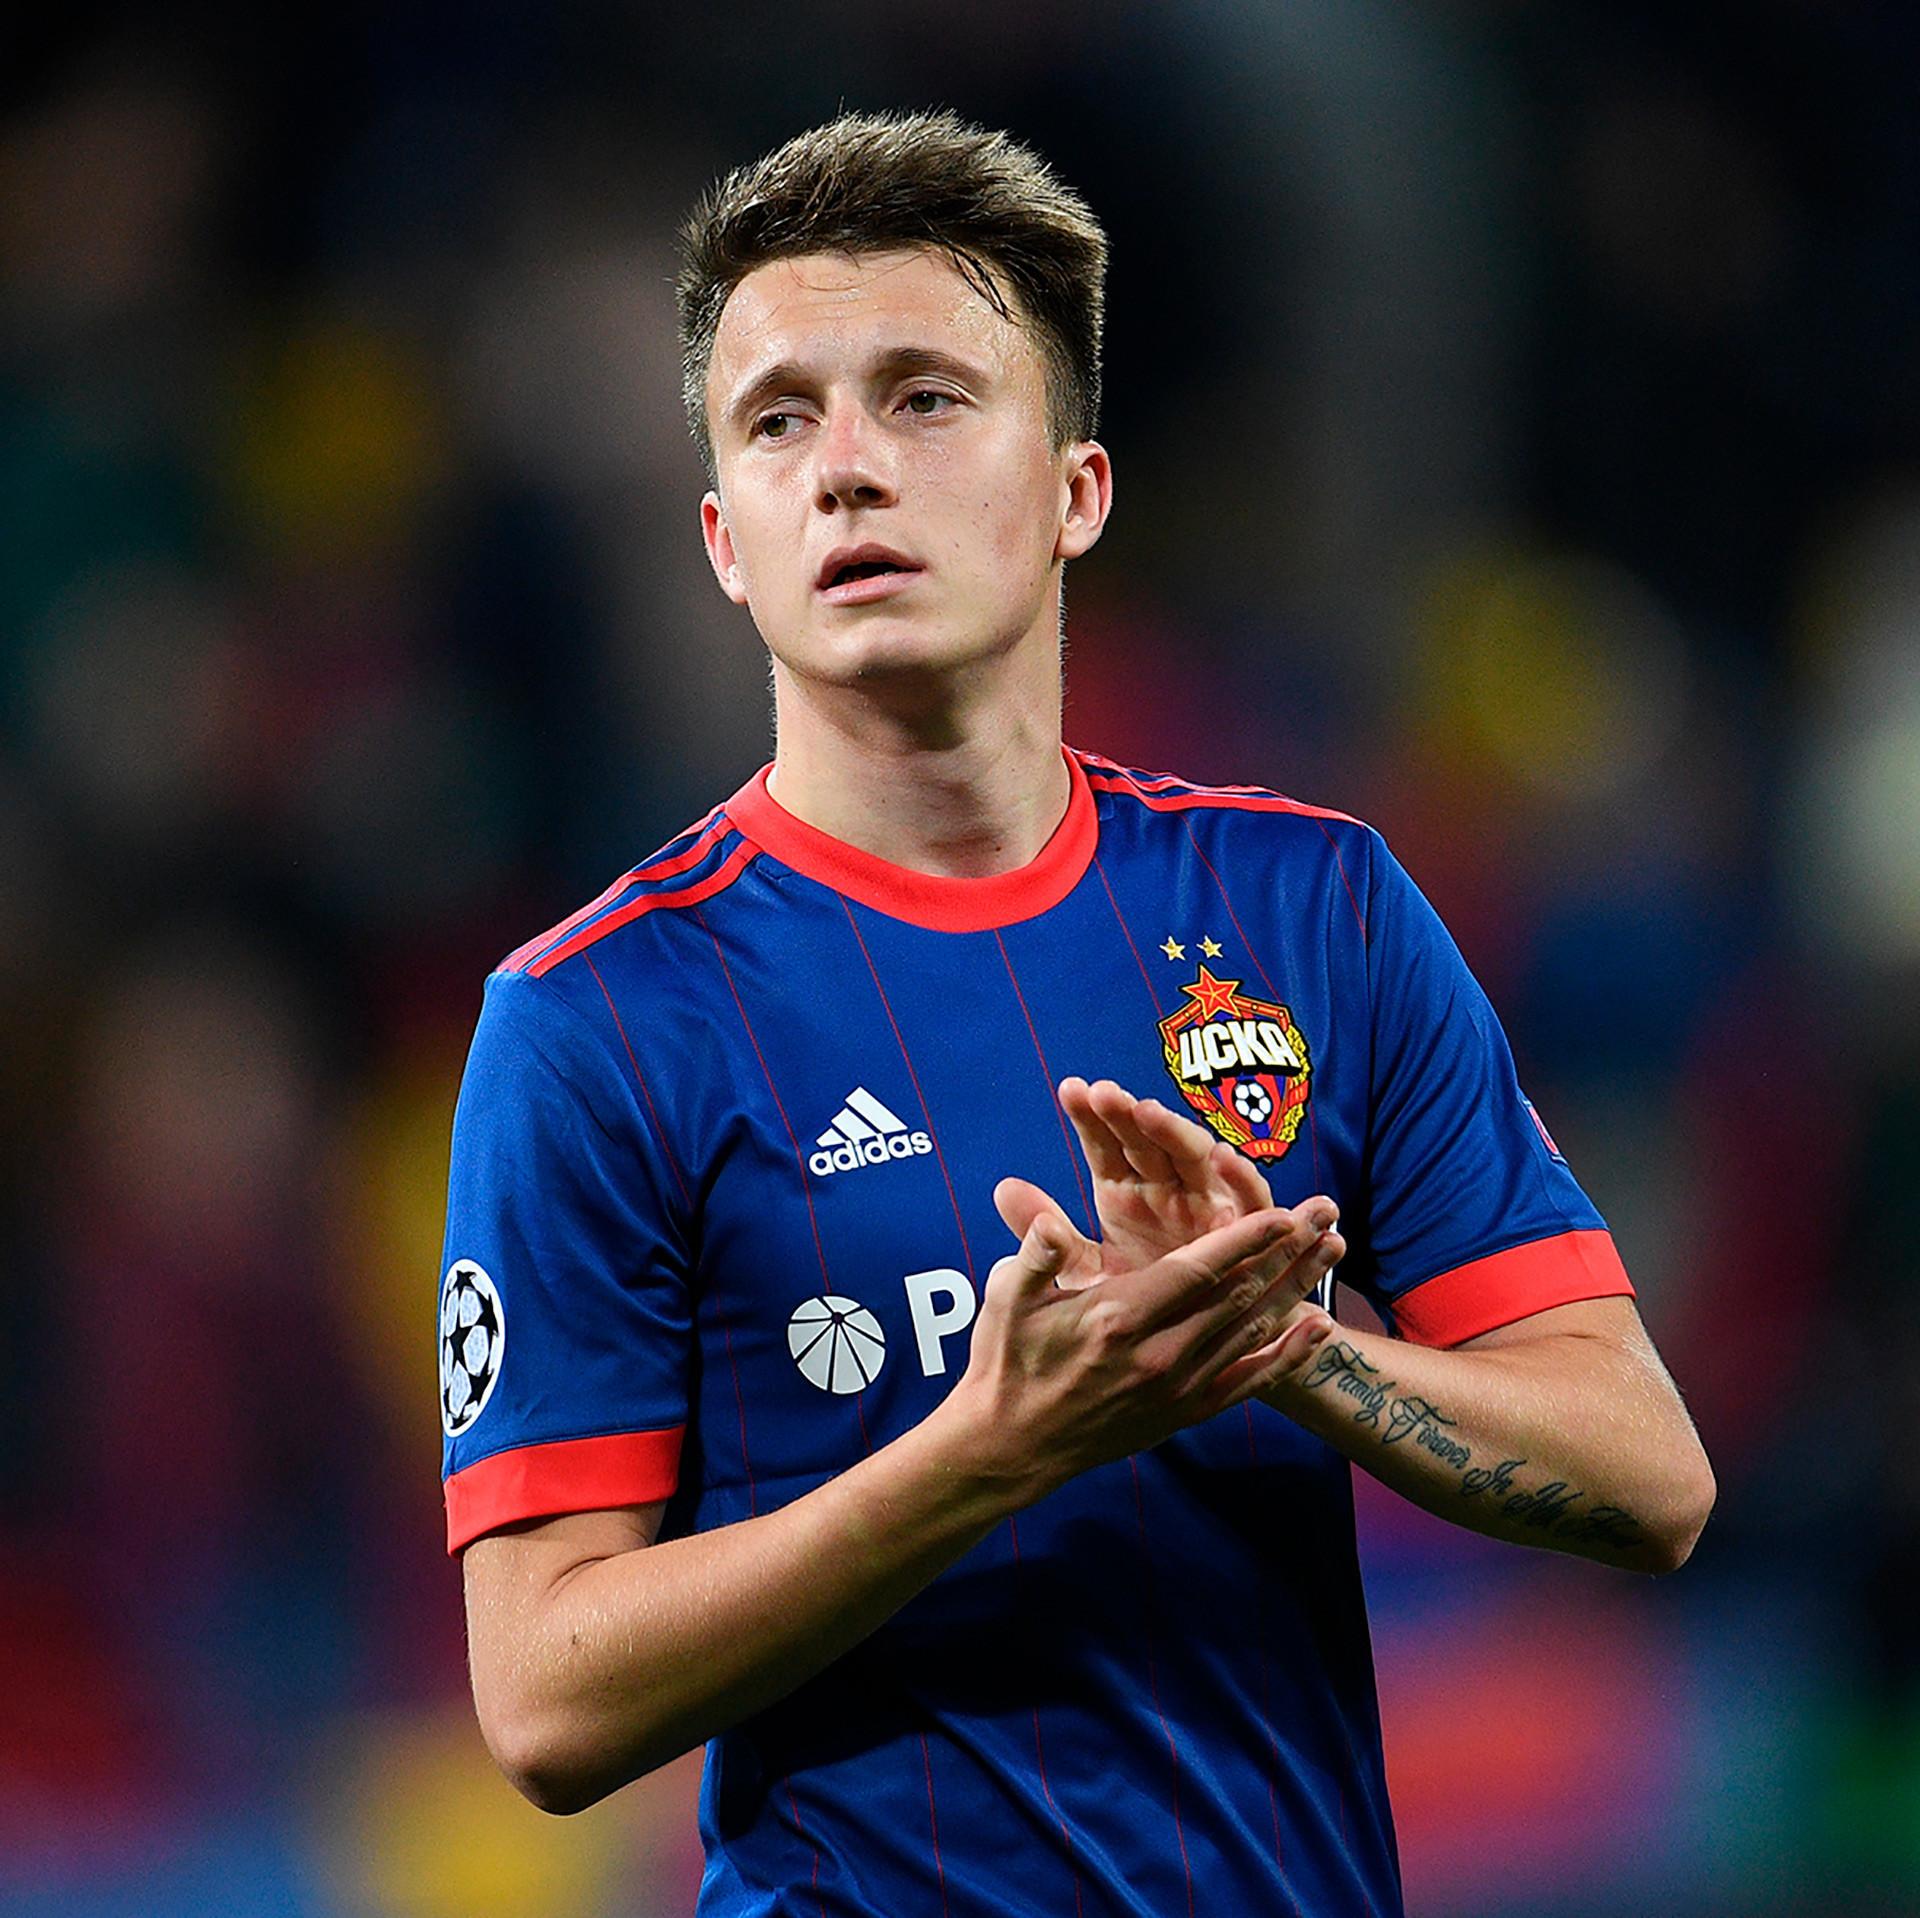 O meia do CSKA de Moscou, Aleksandr Golovin, que já esteve ligado ao Arsenal anteriormente.